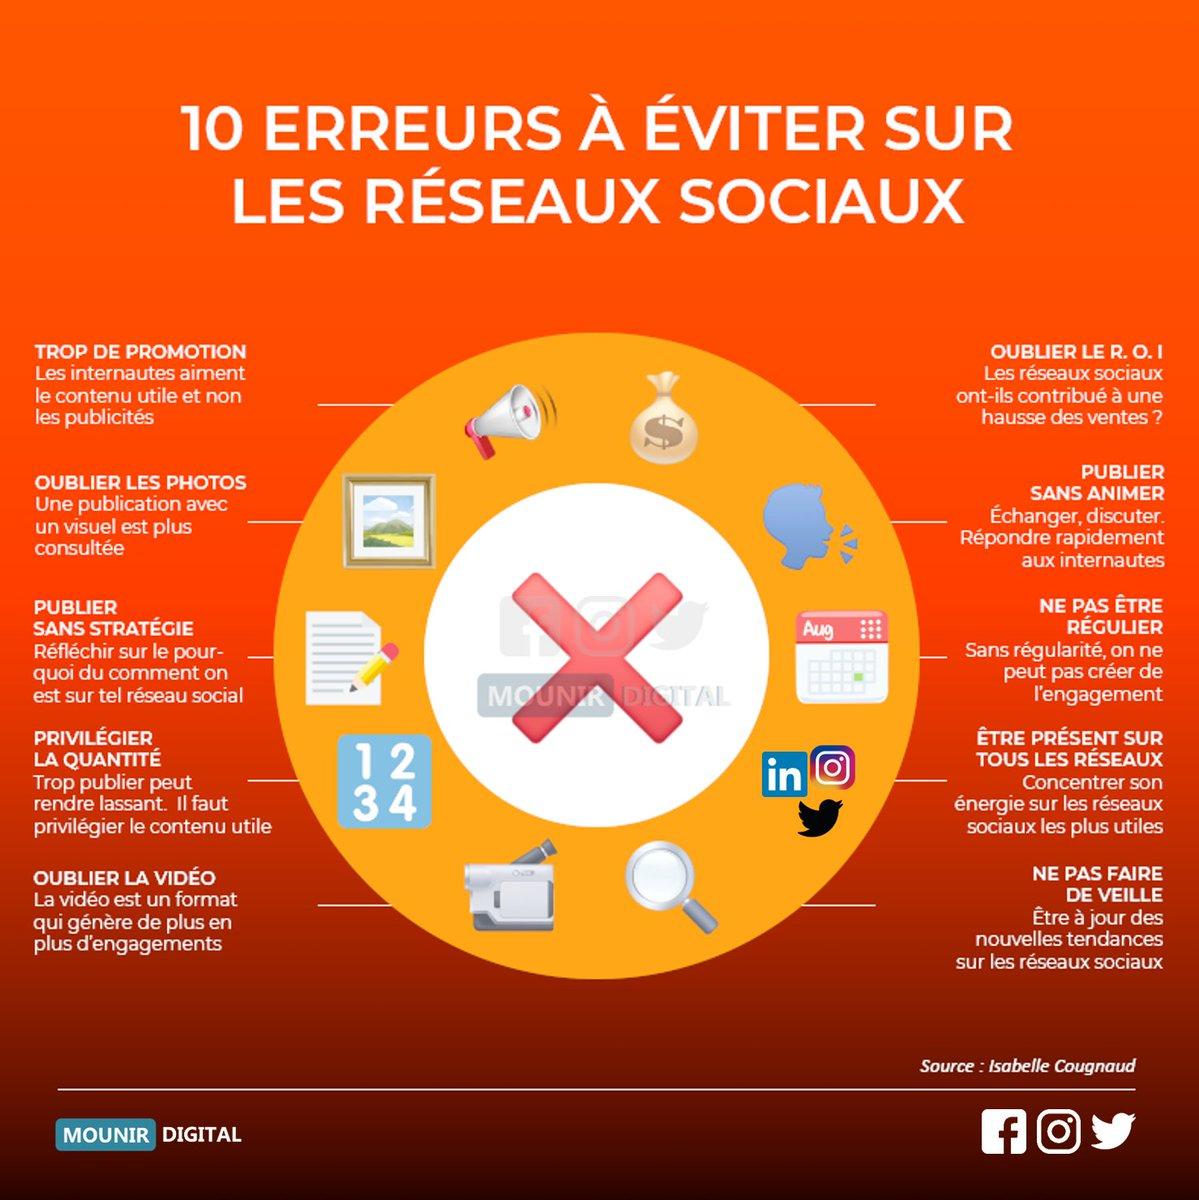 """Mounir Digital 🚀 on Twitter: """"Nouvelle [#infographie] ✍ 10 ERREURS À  ÉVITER SUR LES RÉSEAUX SOCIAUX ❌💻 #socialmedia #DigitalMarketing #digital  #MarketingDigital #CM #communitymanager #Marketing #FlashTweet  #FridayFeeling… https://t.co/IruW2GKhae"""""""